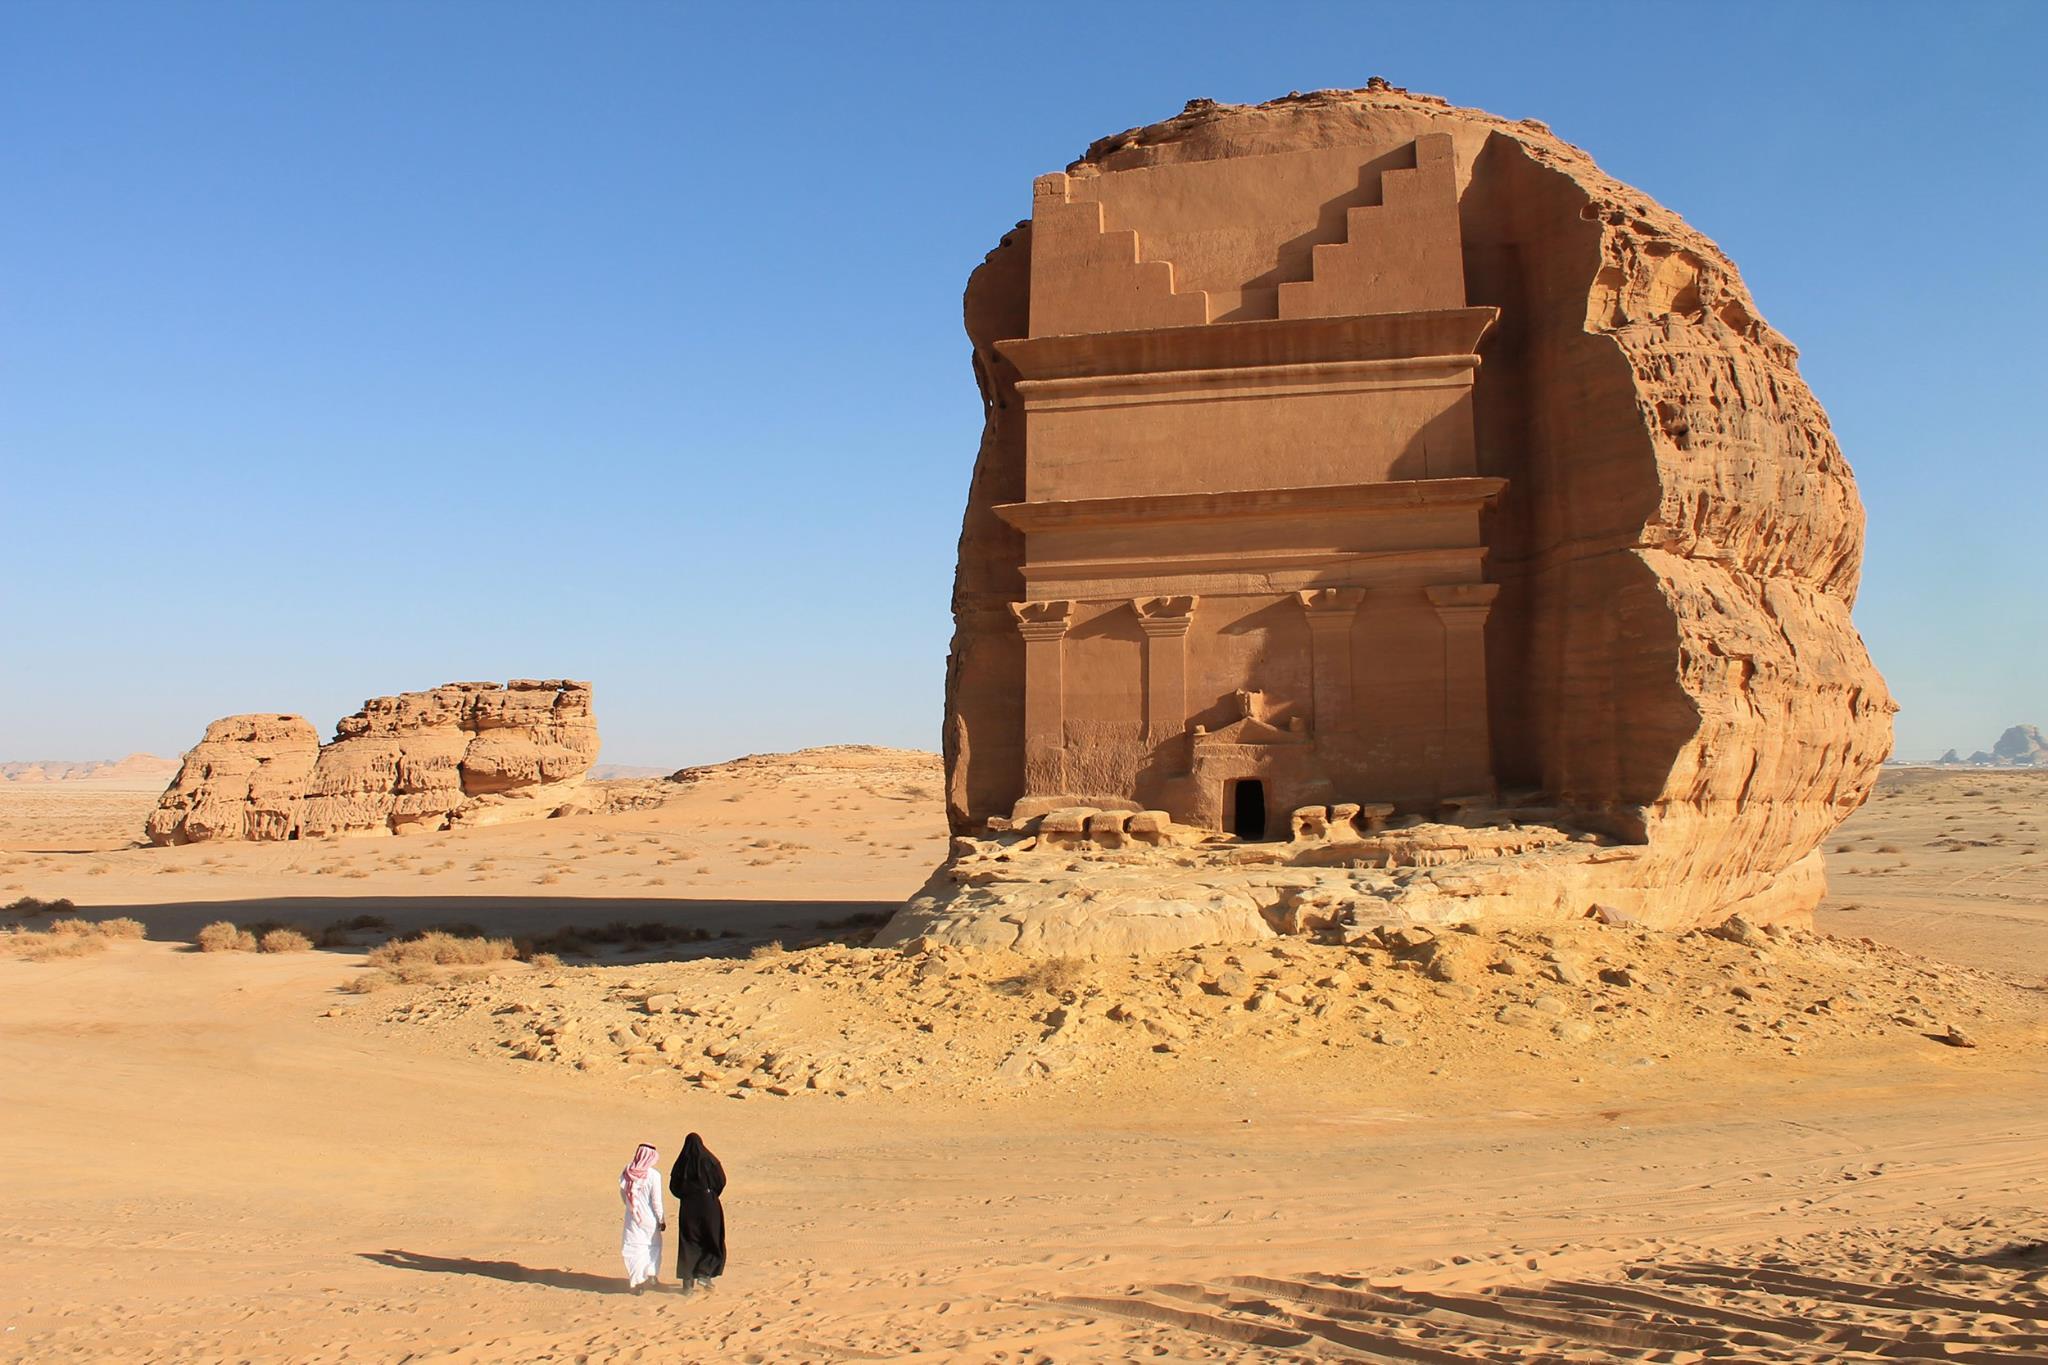 petra arabia saudita